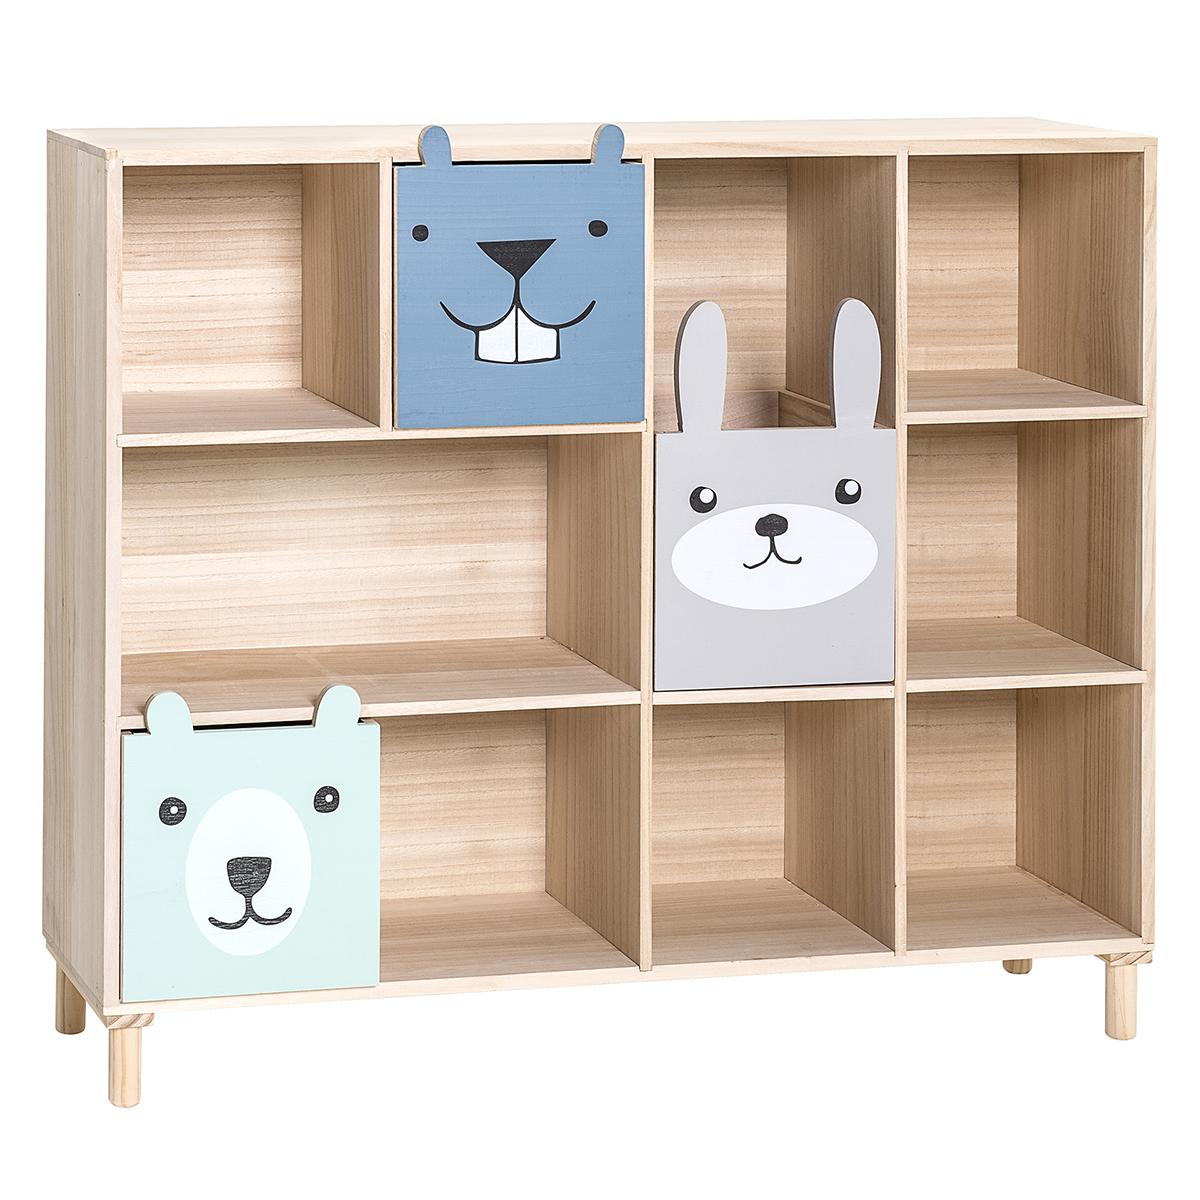 Étagère Bibliothèque Animaux - Bleu Bibliothèque Animaux - Bleu